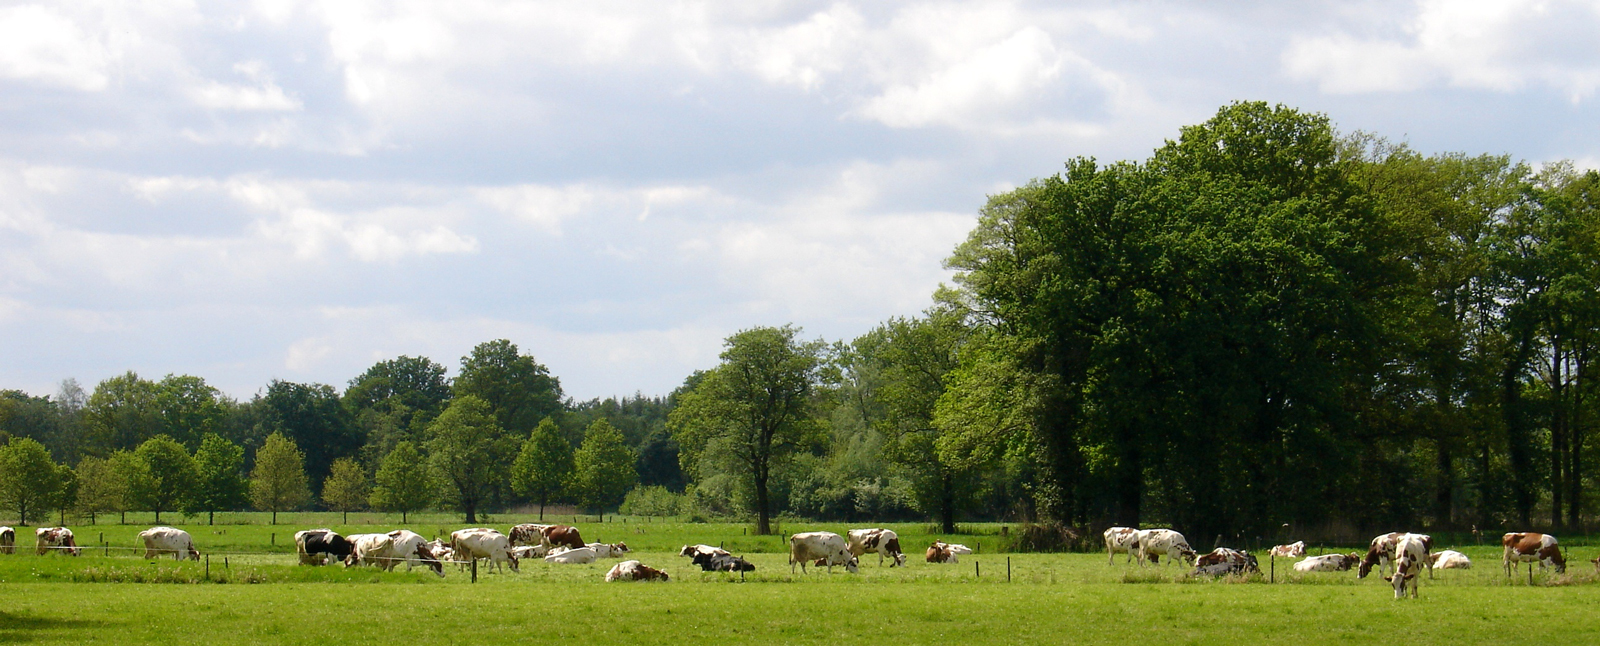 koeien in twentse wei